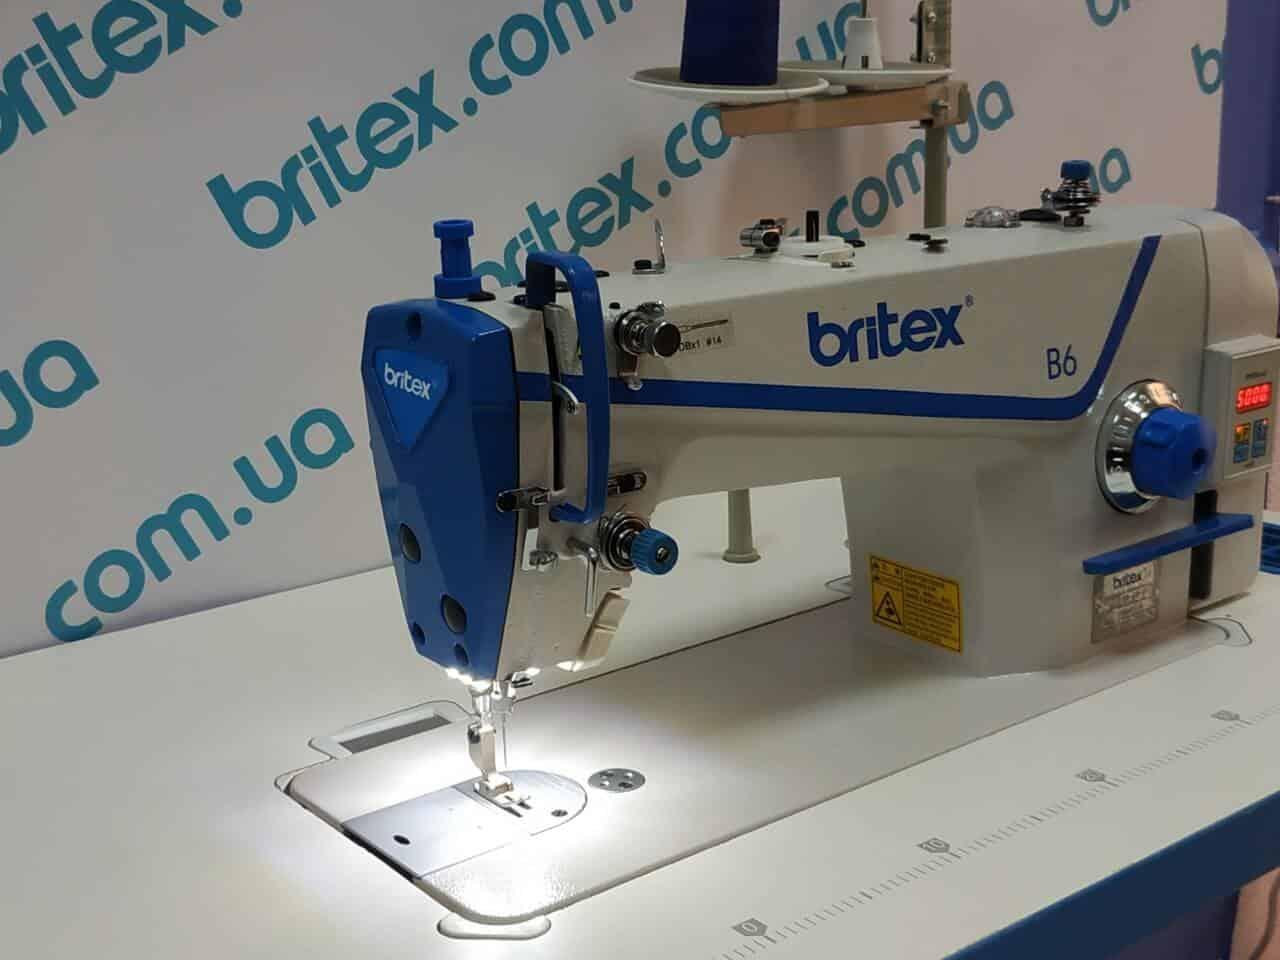 Промышленная прямострочная машина Britex B6